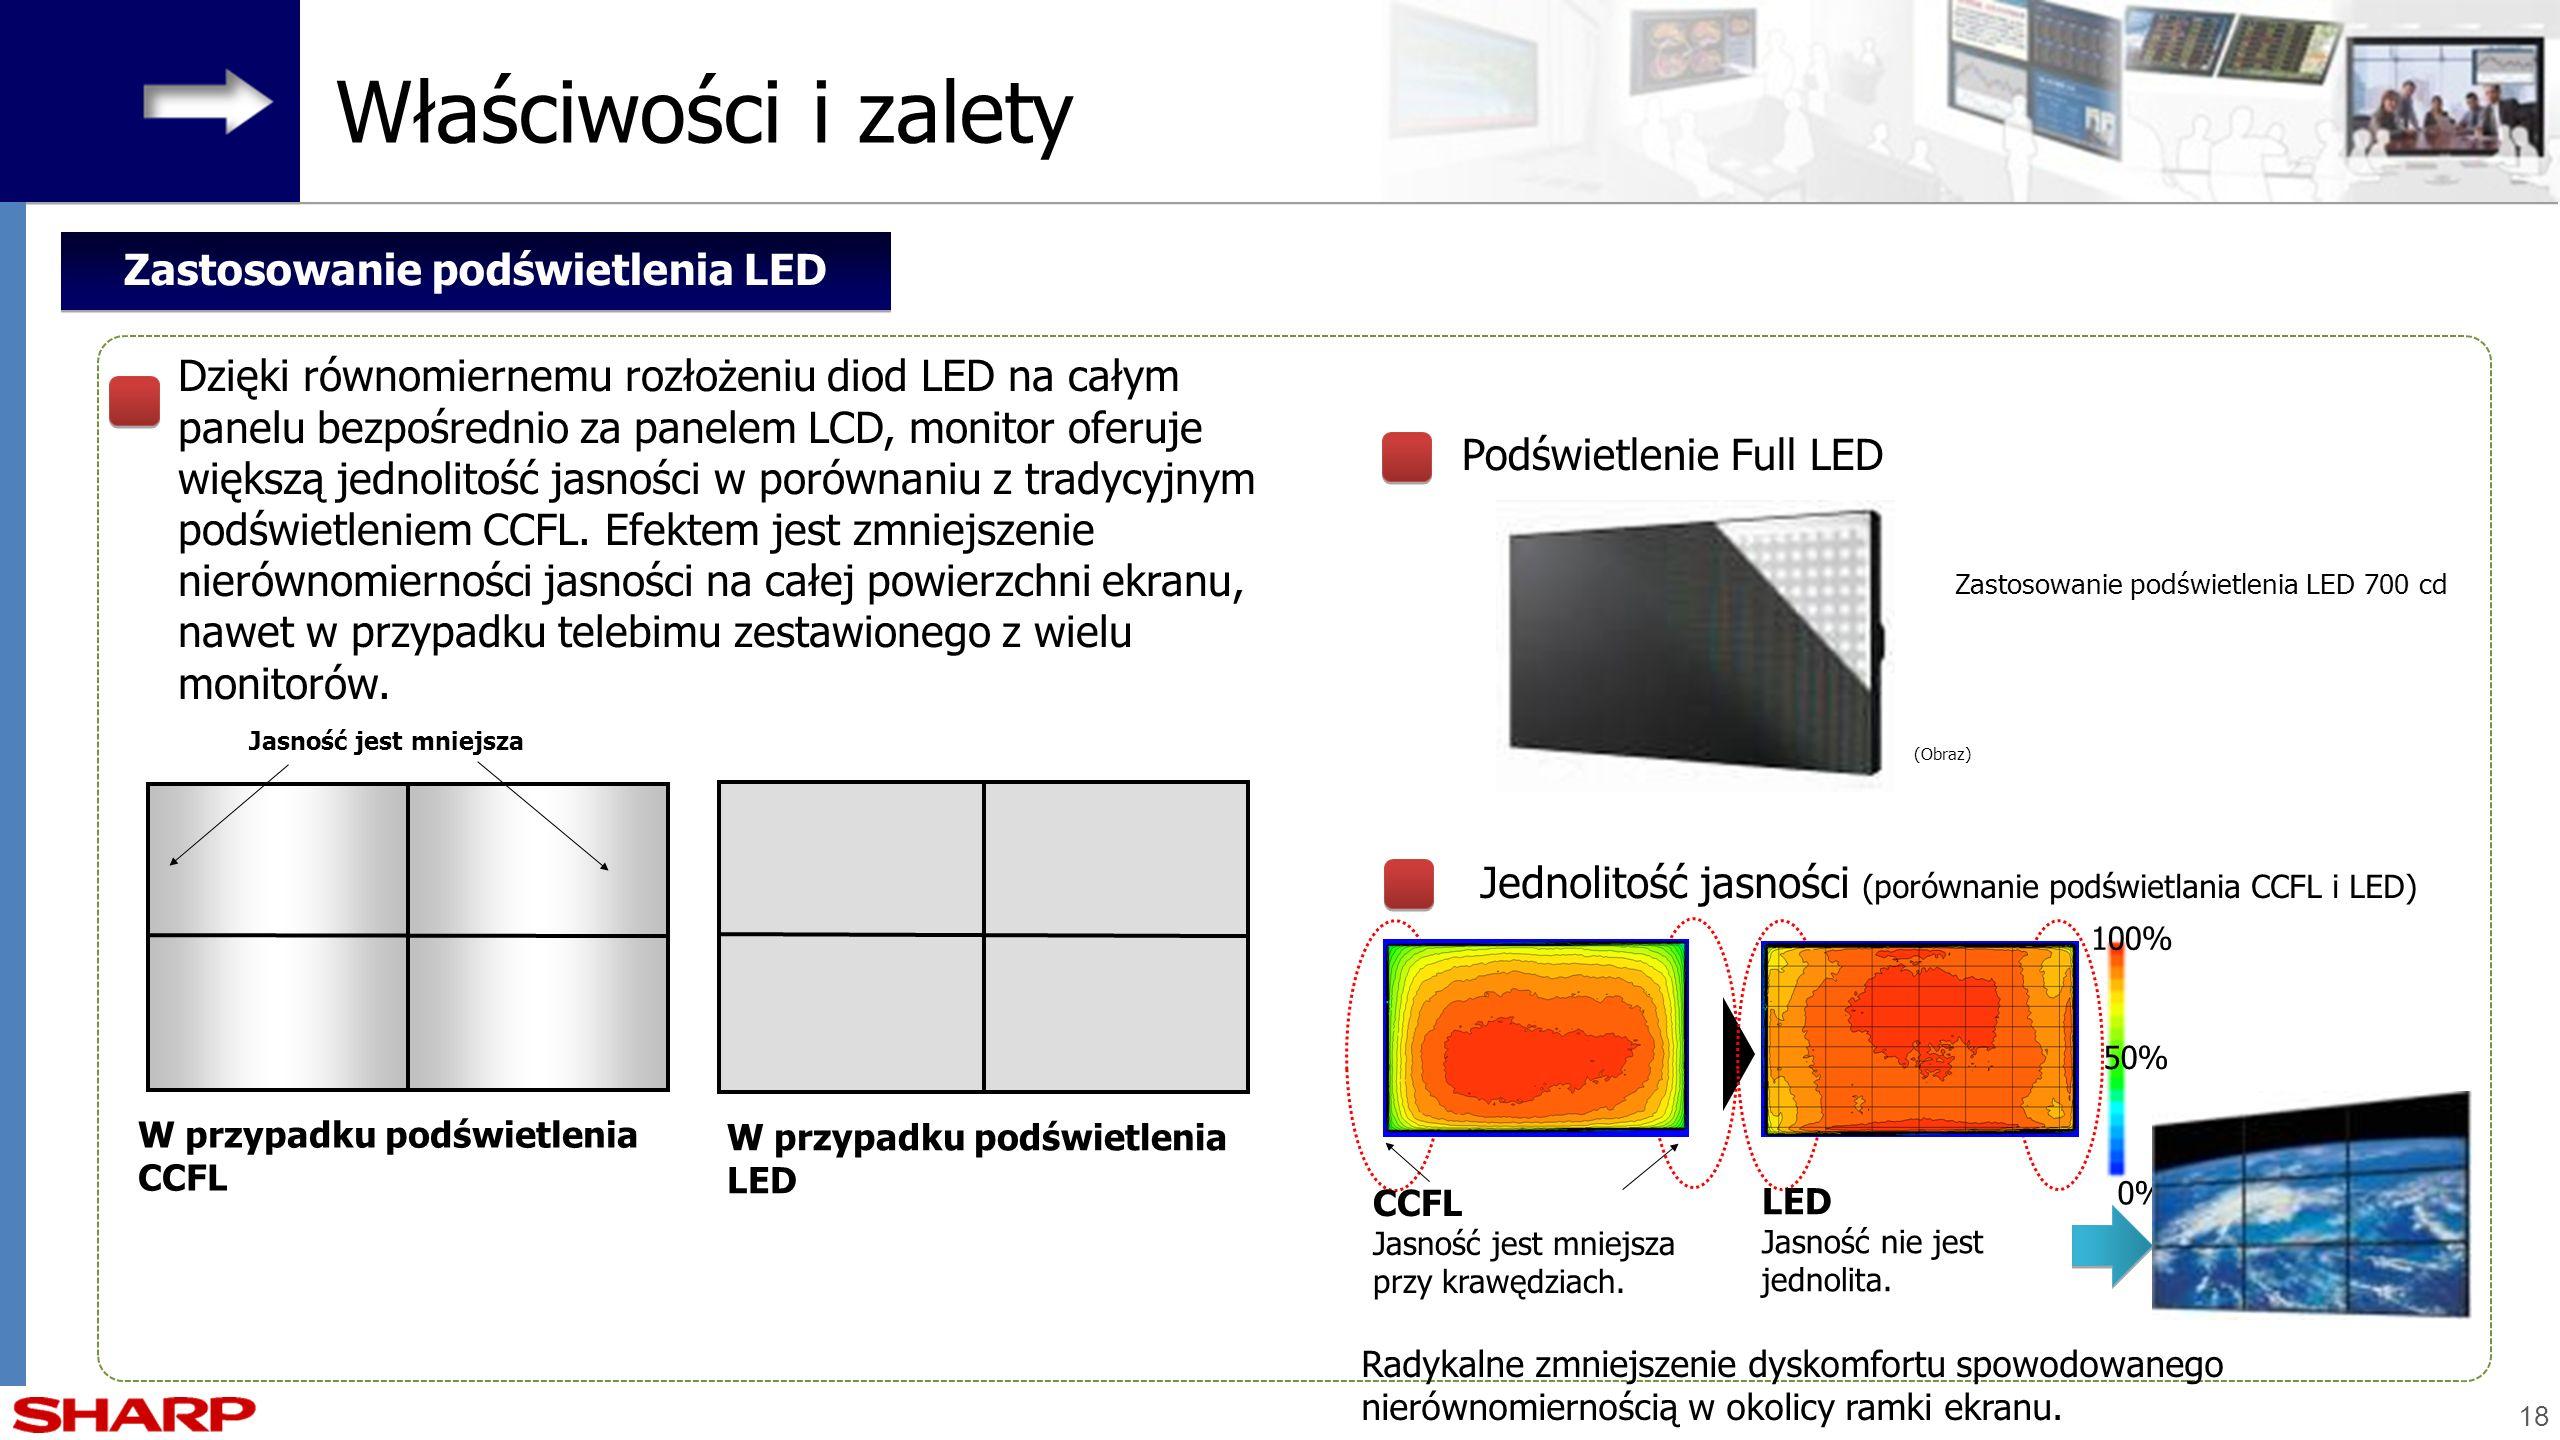 Zastosowanie podświetlenia LED